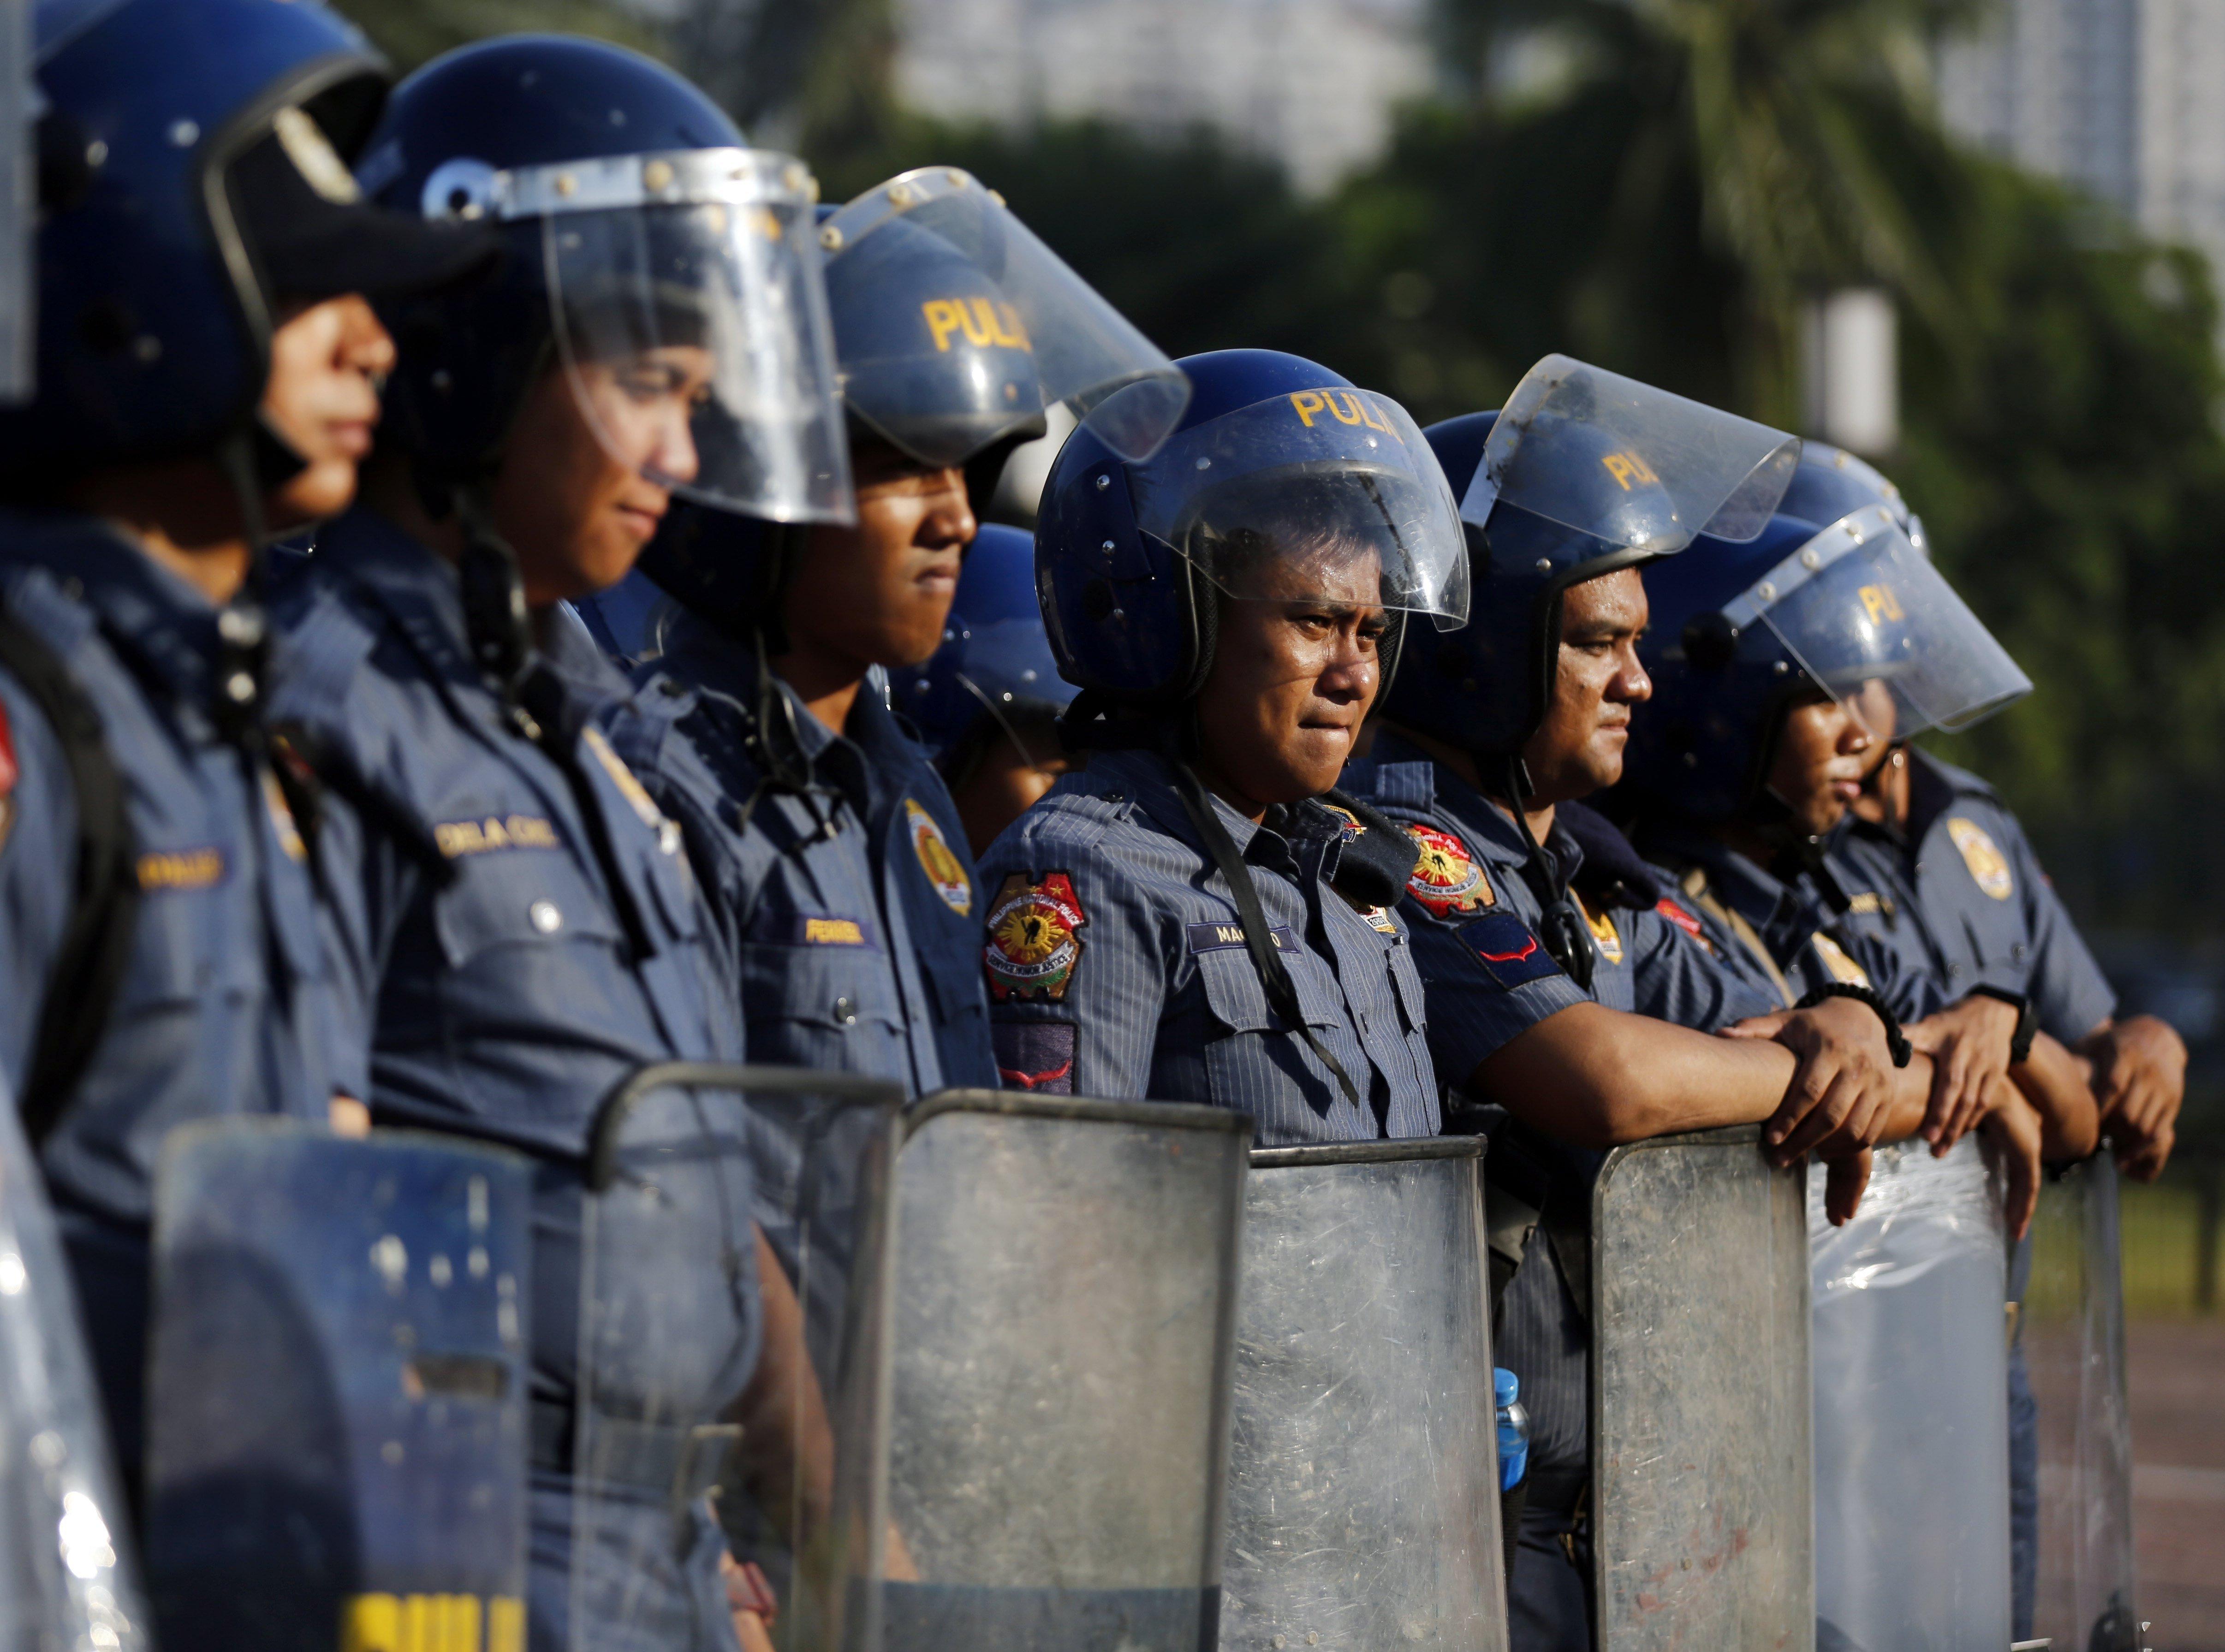 Policies antidisturbis vigilen prop del centre de convencions on se celebrarà la ciemra de l'Associació de nacions del sud-est asiàtic (ASEAN) a Manila (Filipines). L'esdeveniment se celebrarà del 26 al 29 d'abril. EFE - Francis R. Malasig